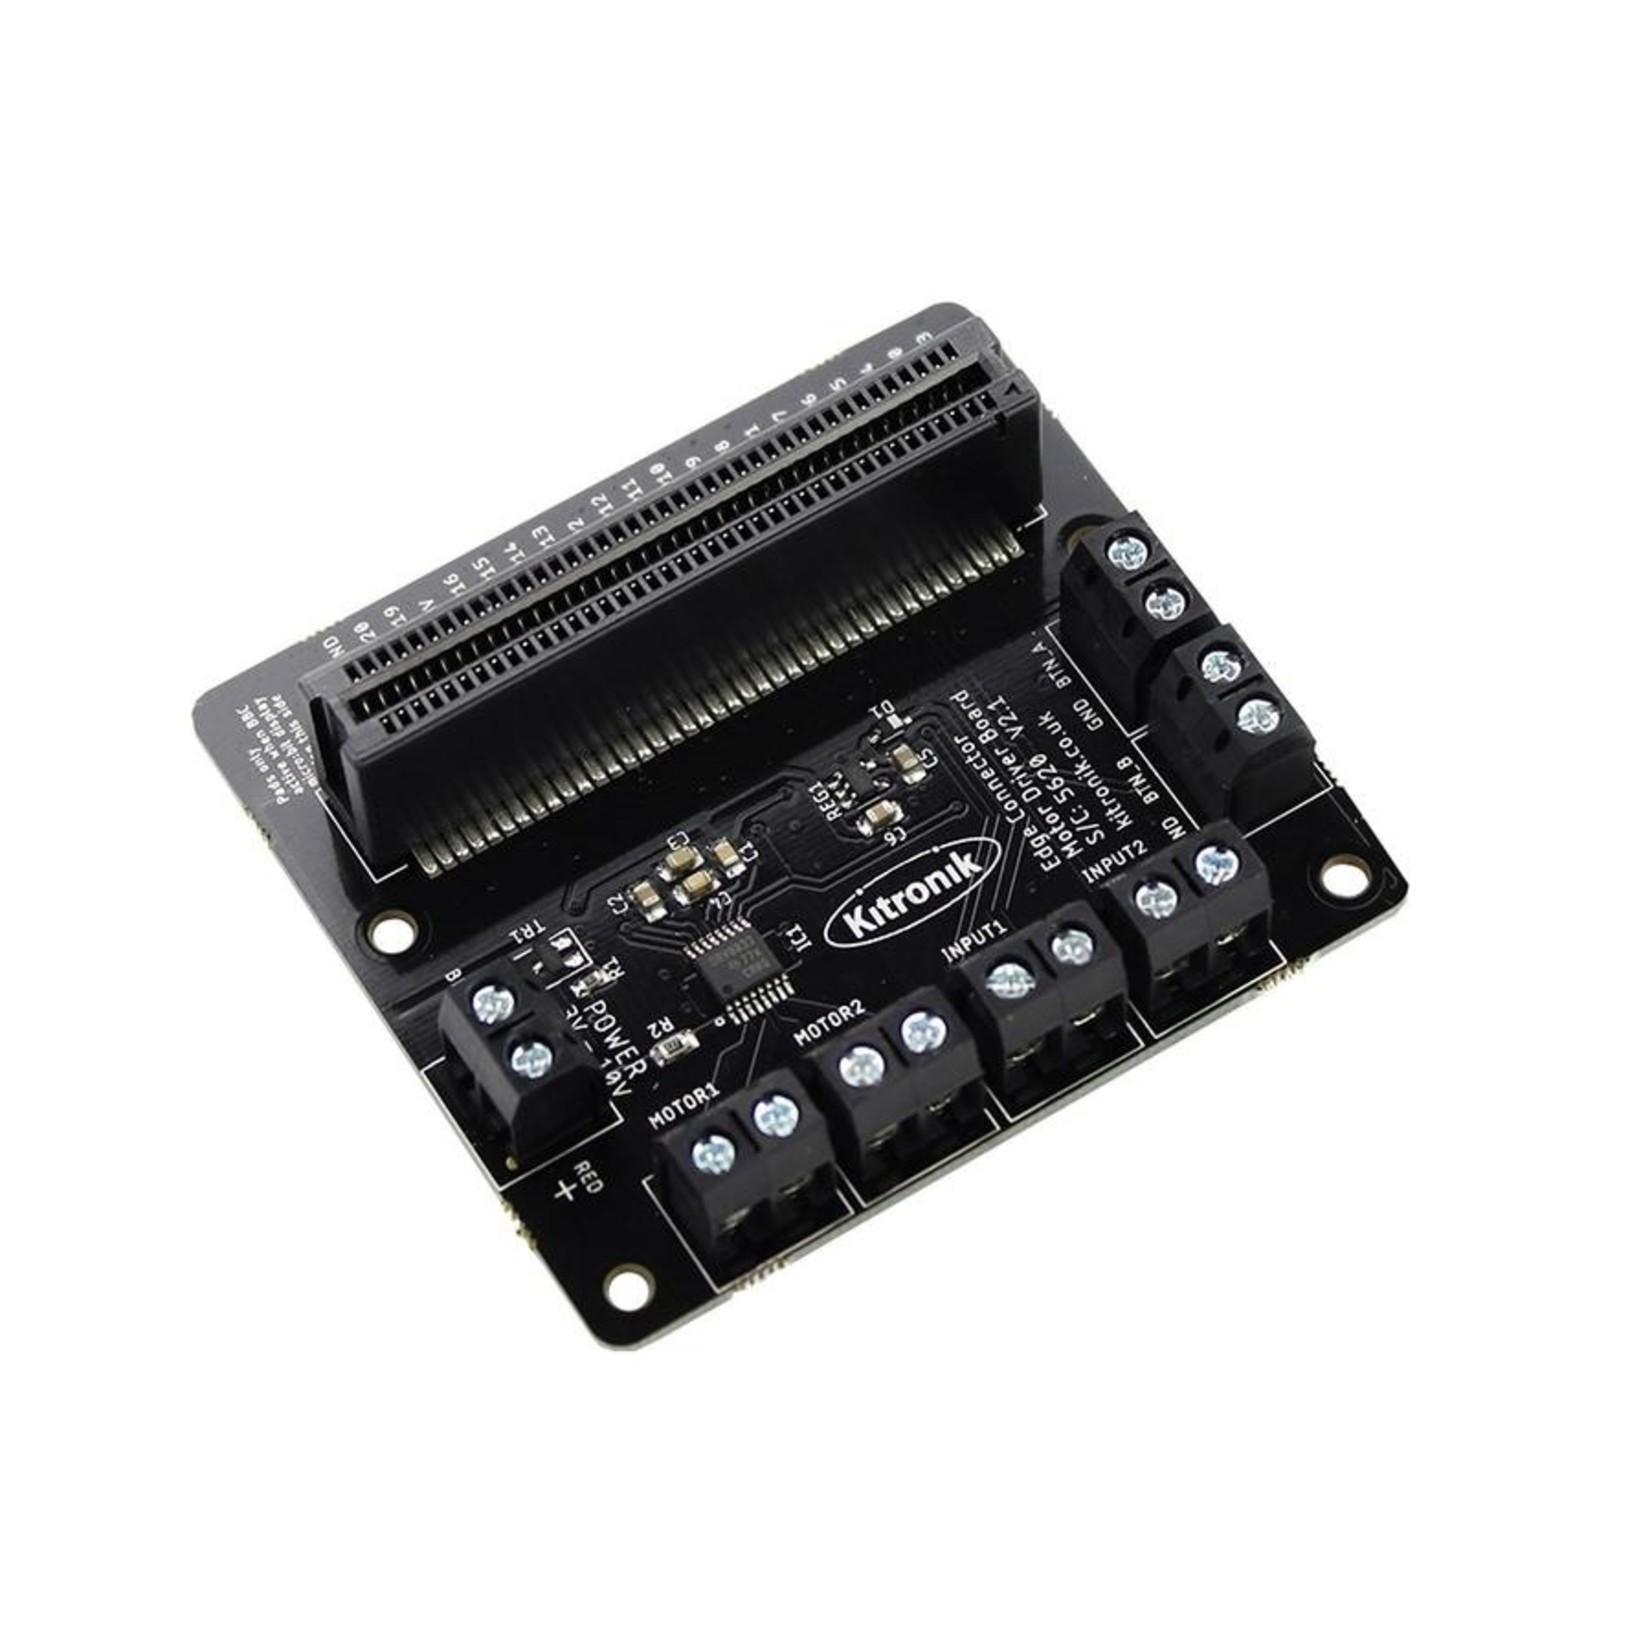 Kitronik Motor Driver Board V2 voor BBC micro:bit